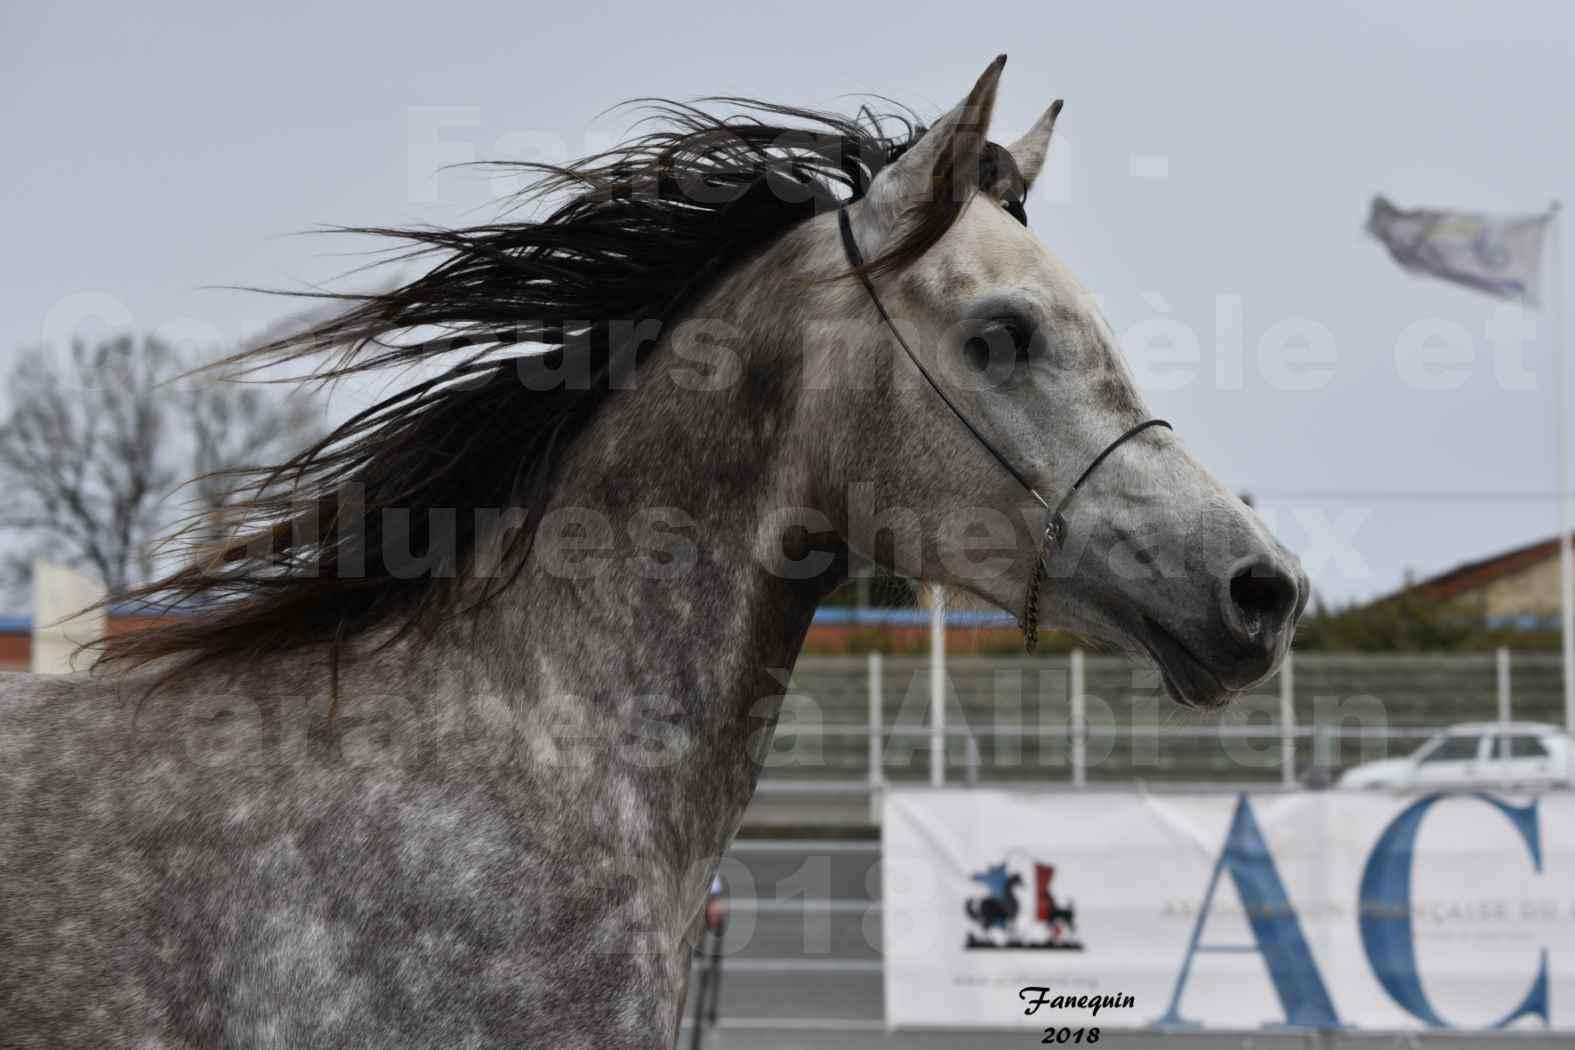 Concours d'élevage de Chevaux Arabes - Demi Sang Arabes - Anglo Arabes - ALBI les 6 & 7 Avril 2018 - PERCEVAL DE LAFON - Notre Sélection - Portraits - 09